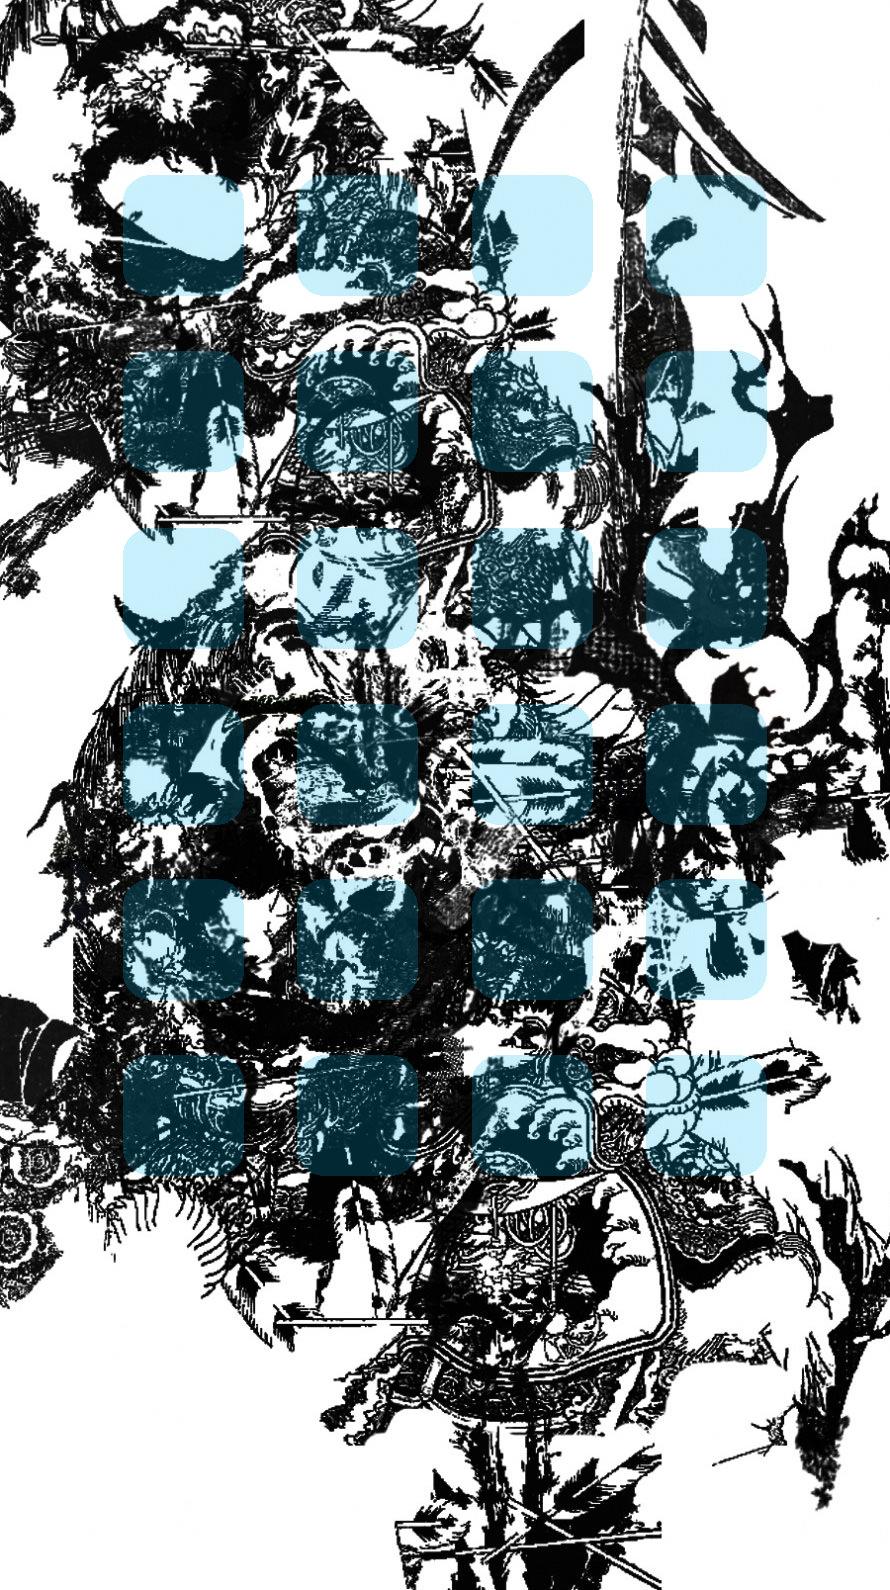 イラスト黒白青棚 Wallpapersc Iphone6s壁紙